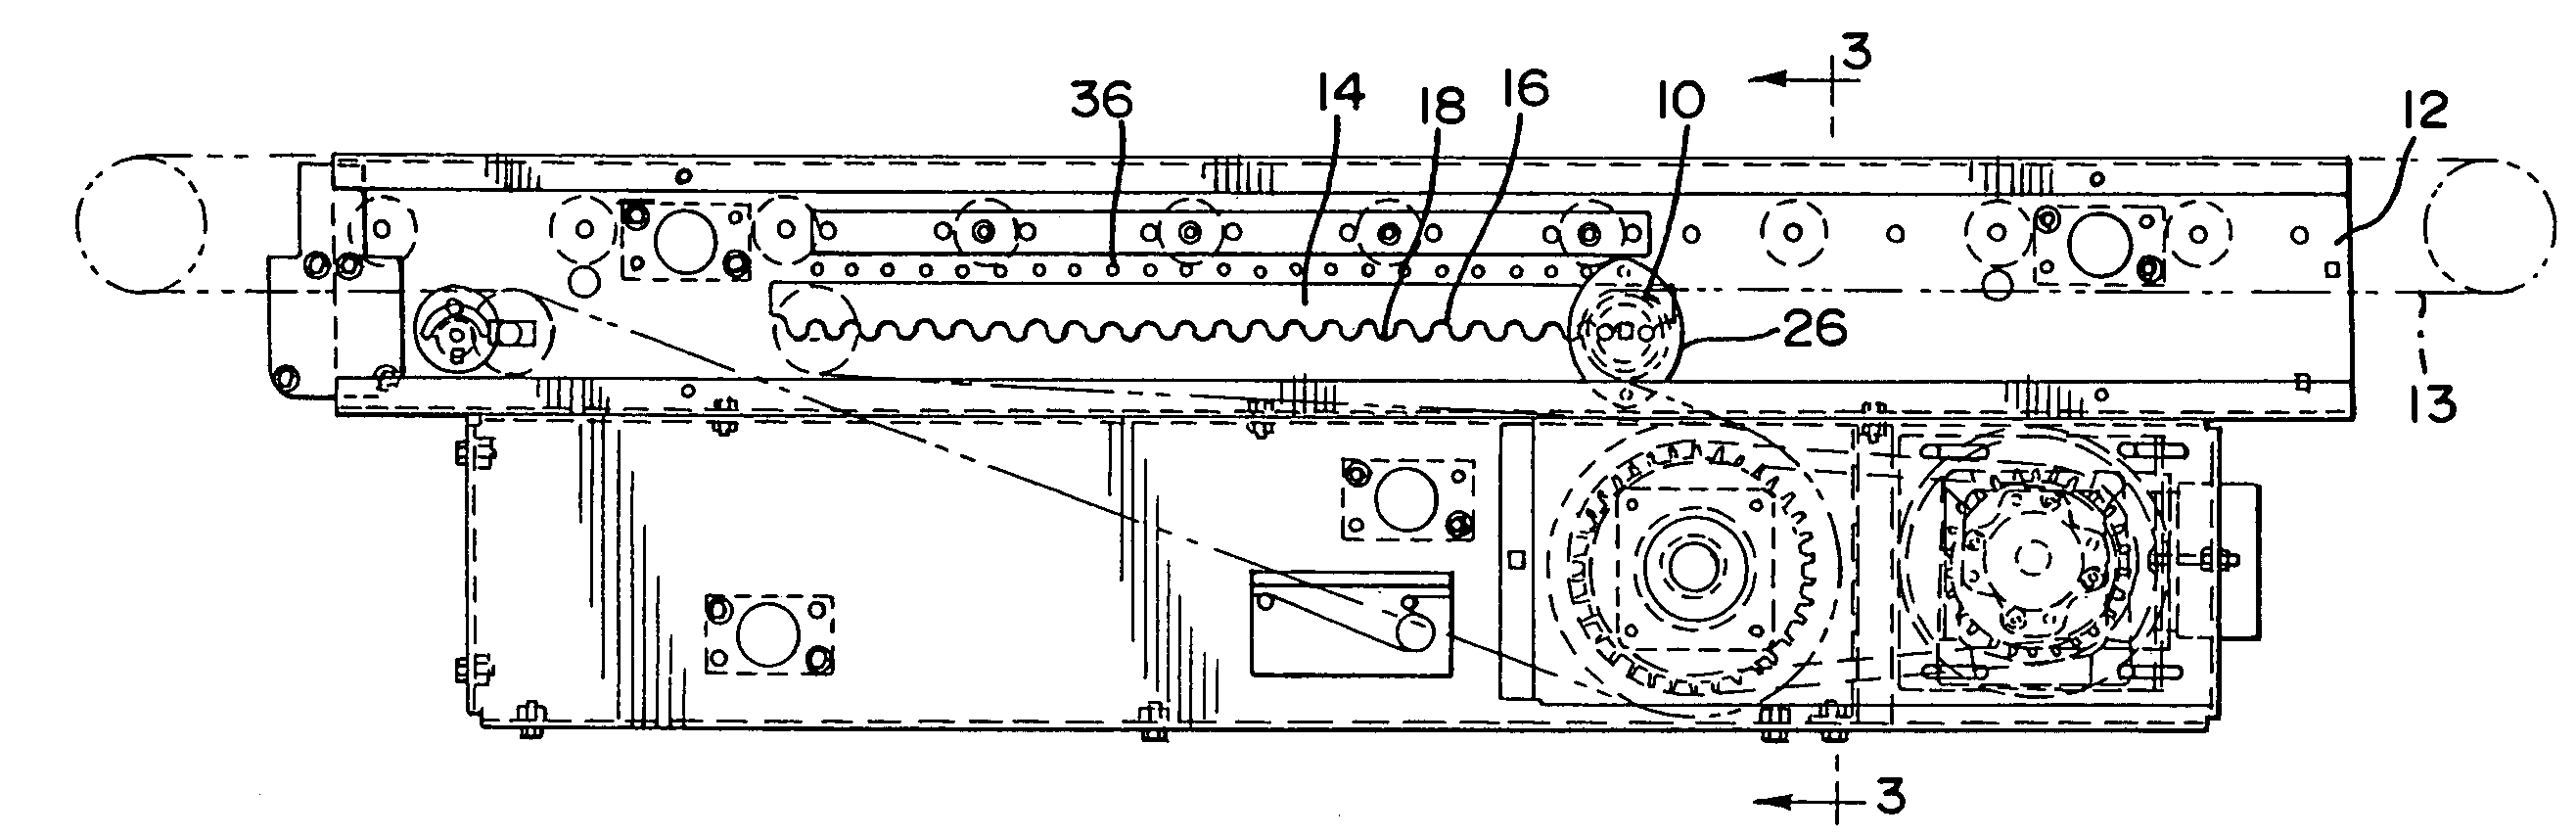 conveyor belt,FoodBelt Conveyor,Conveyor BeltSystem_点力图库